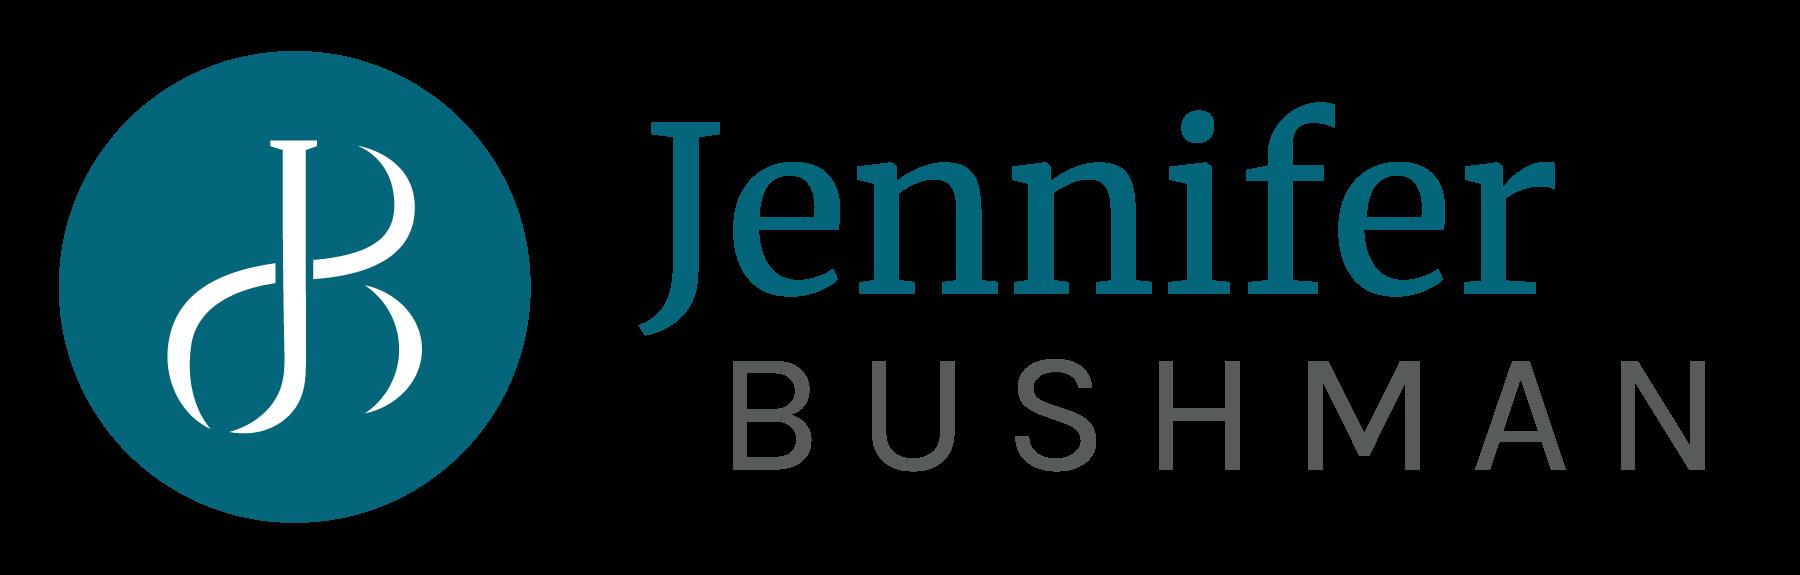 Jennifer Bushman